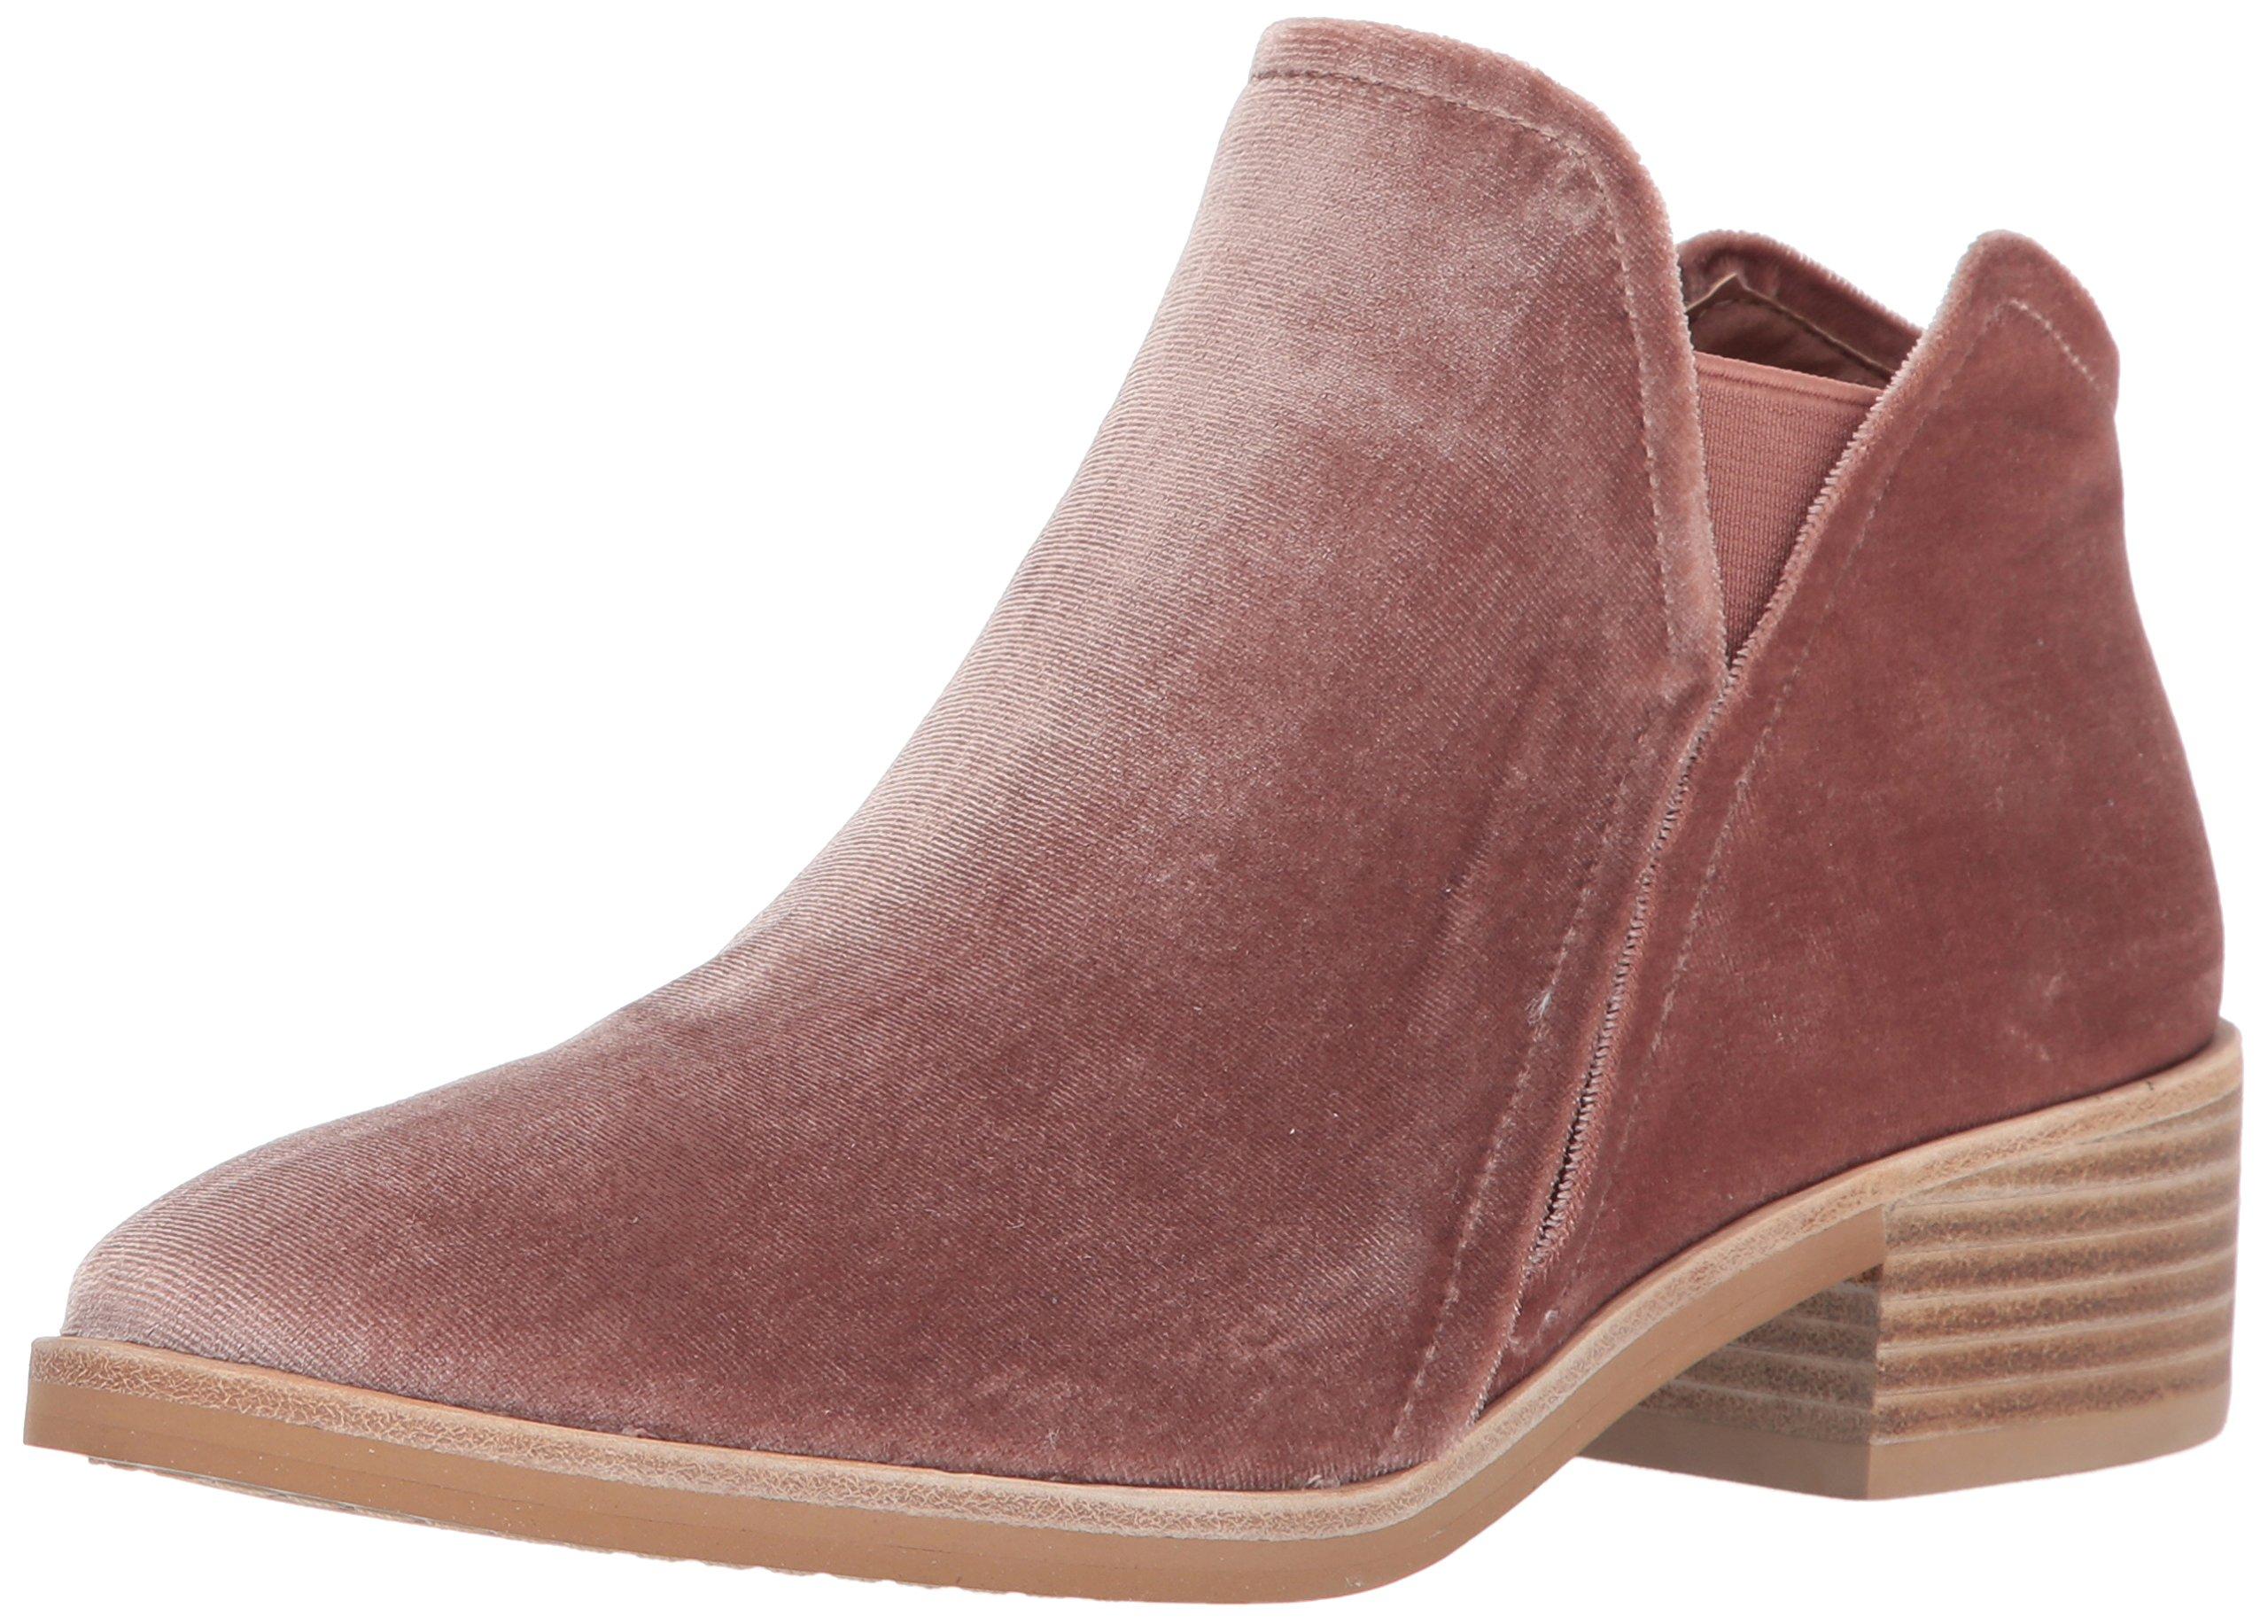 Dolce Vita Women's Tay Ankle Boot, Rose Velvet, 8 Medium US